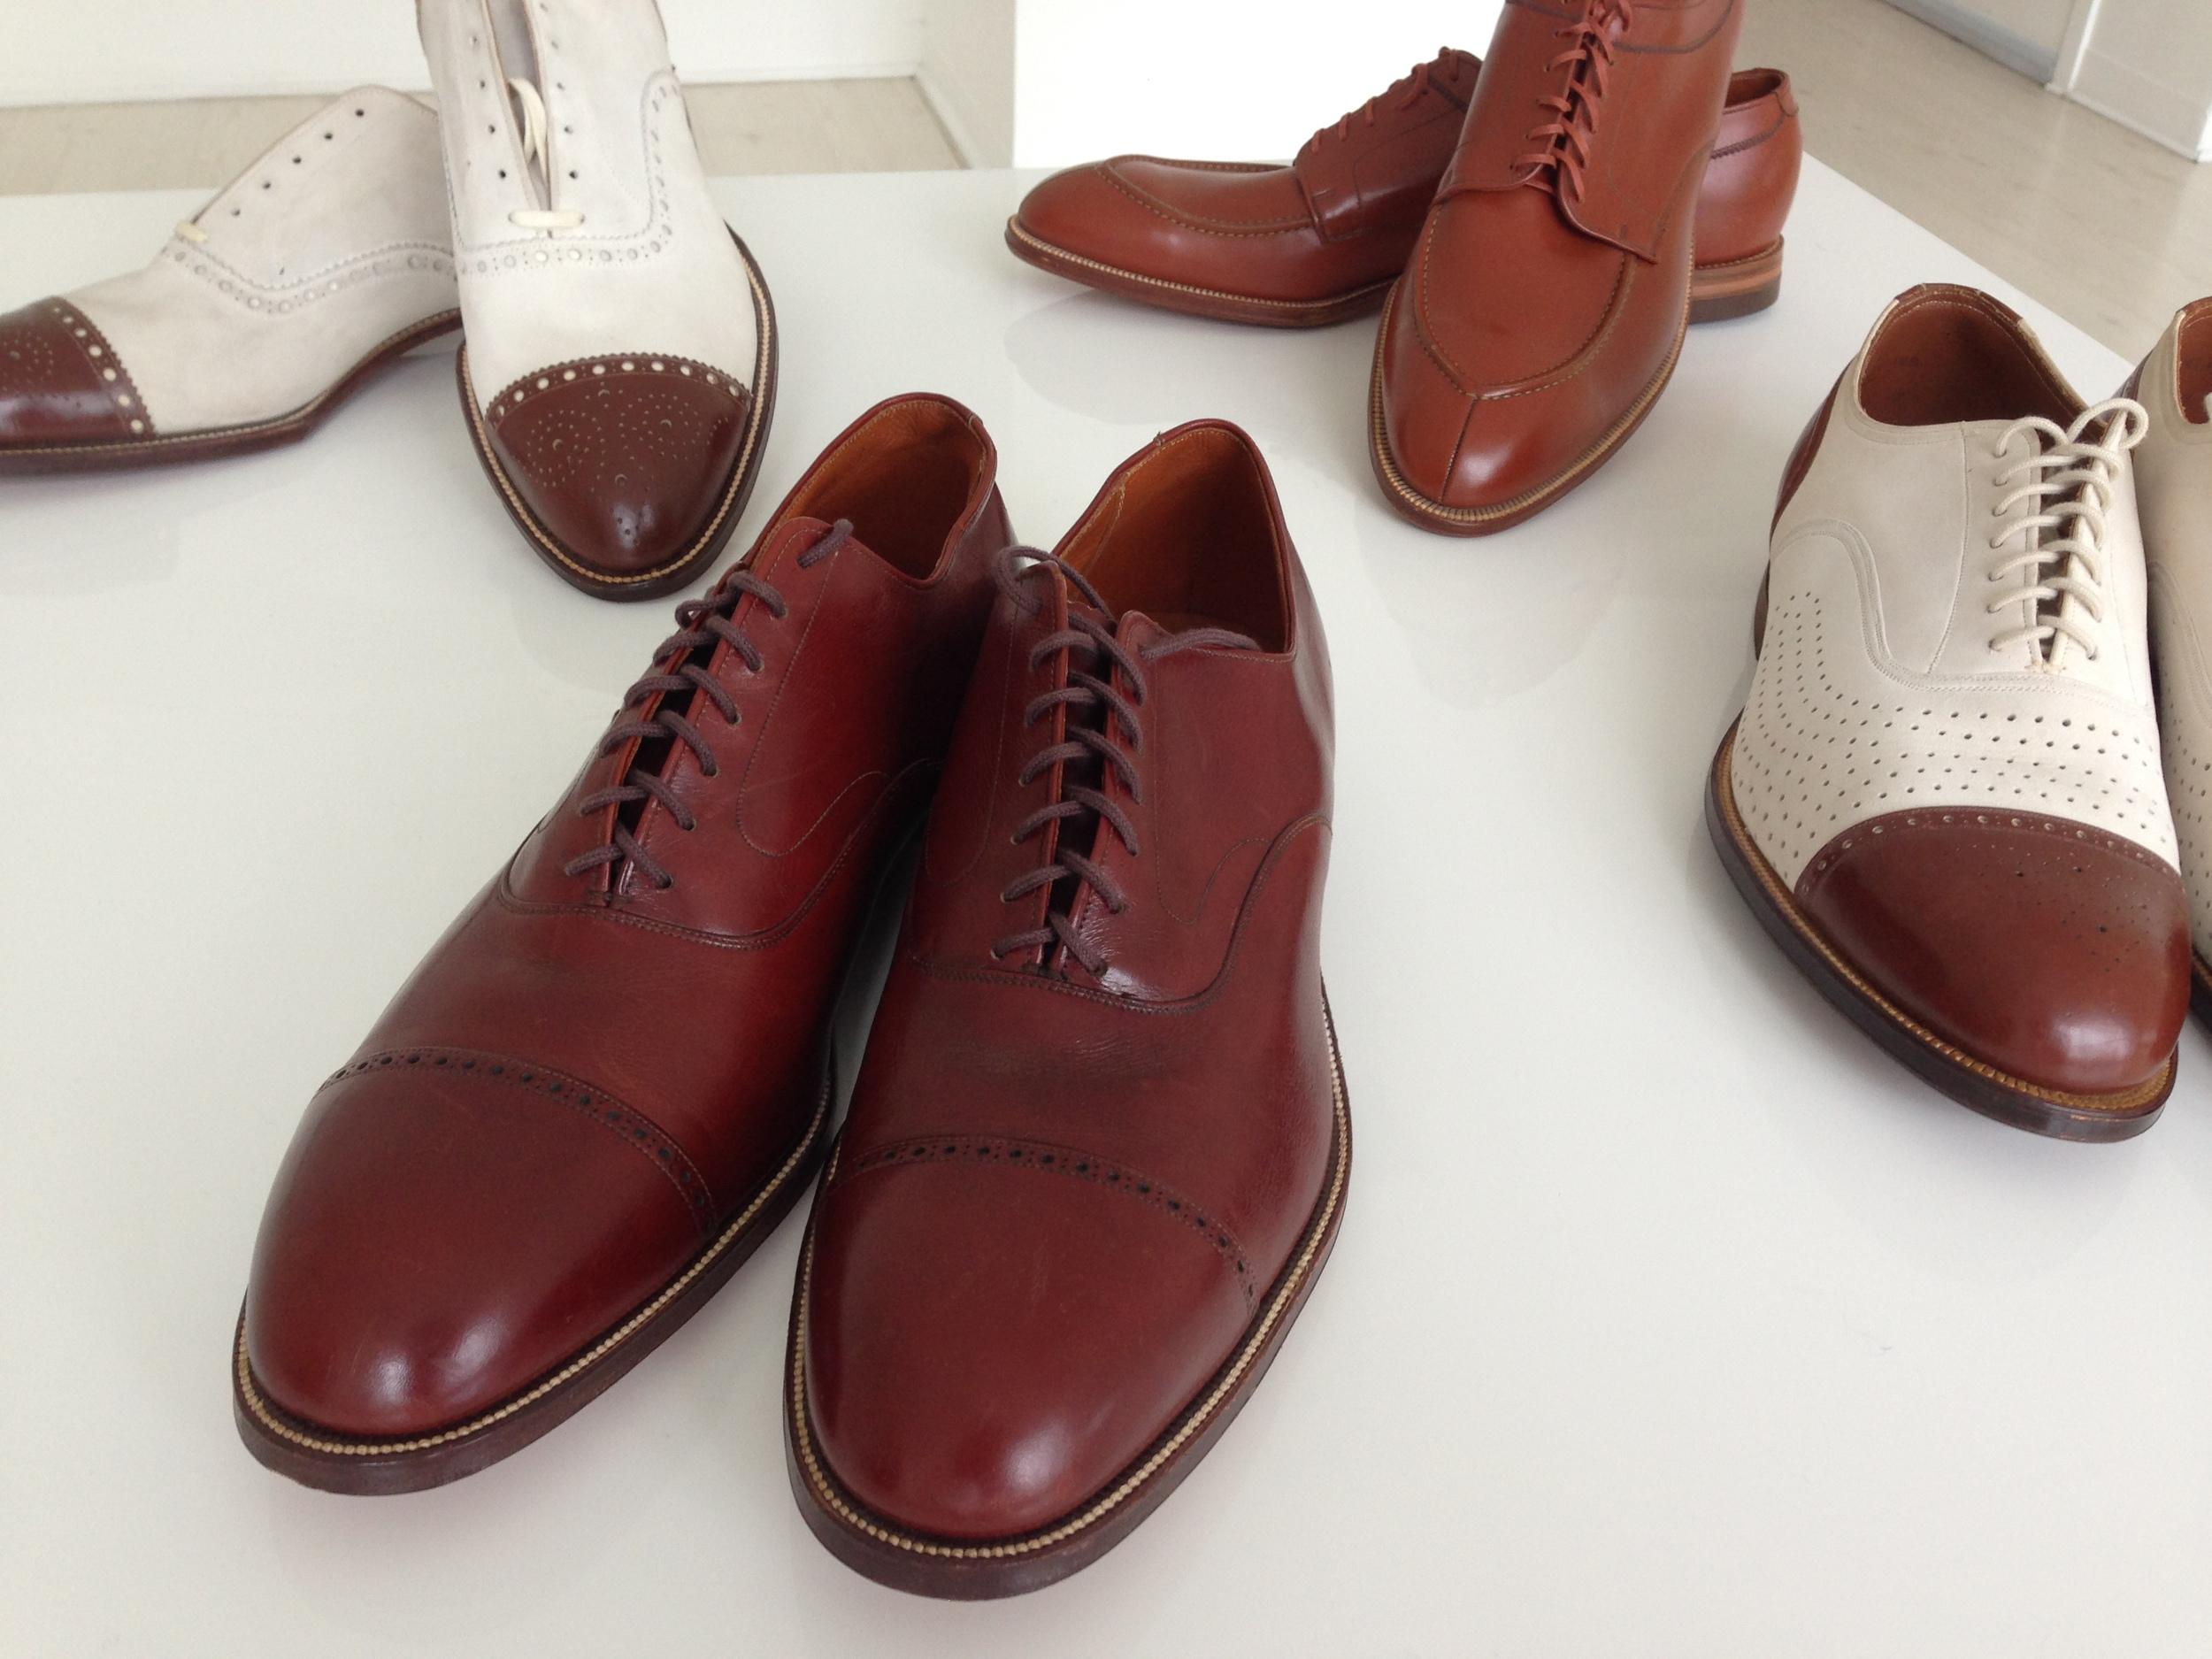 Authentic vintage shoes